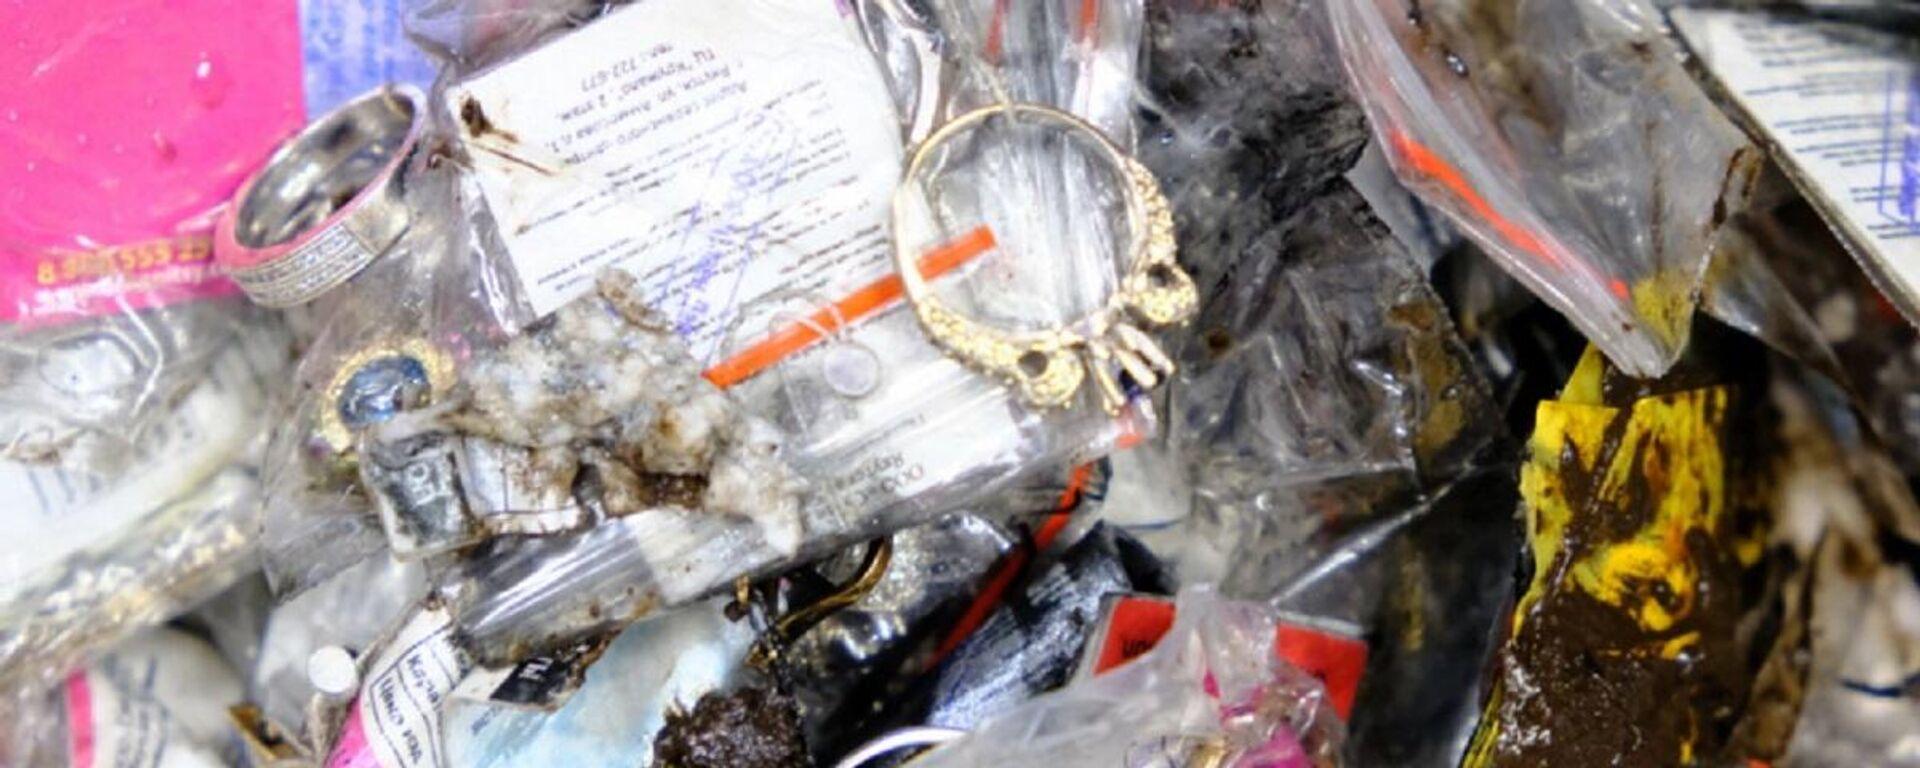 Joyas robadas por un nacional colombiano durante el Mundial de Fútbol de 2018 en la ciudad rusa de Kazán - Sputnik Mundo, 1920, 20.05.2021